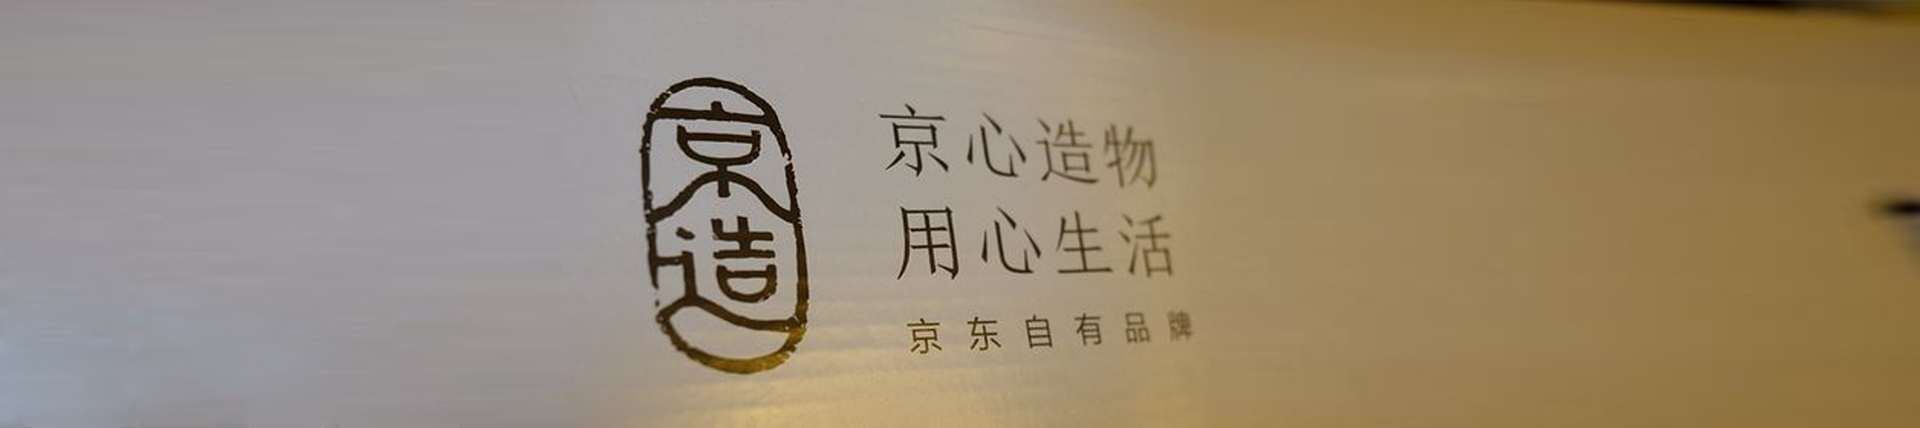 """京东野心不死!注册JDmade.cn还申请了近百枚""""京造""""商标"""